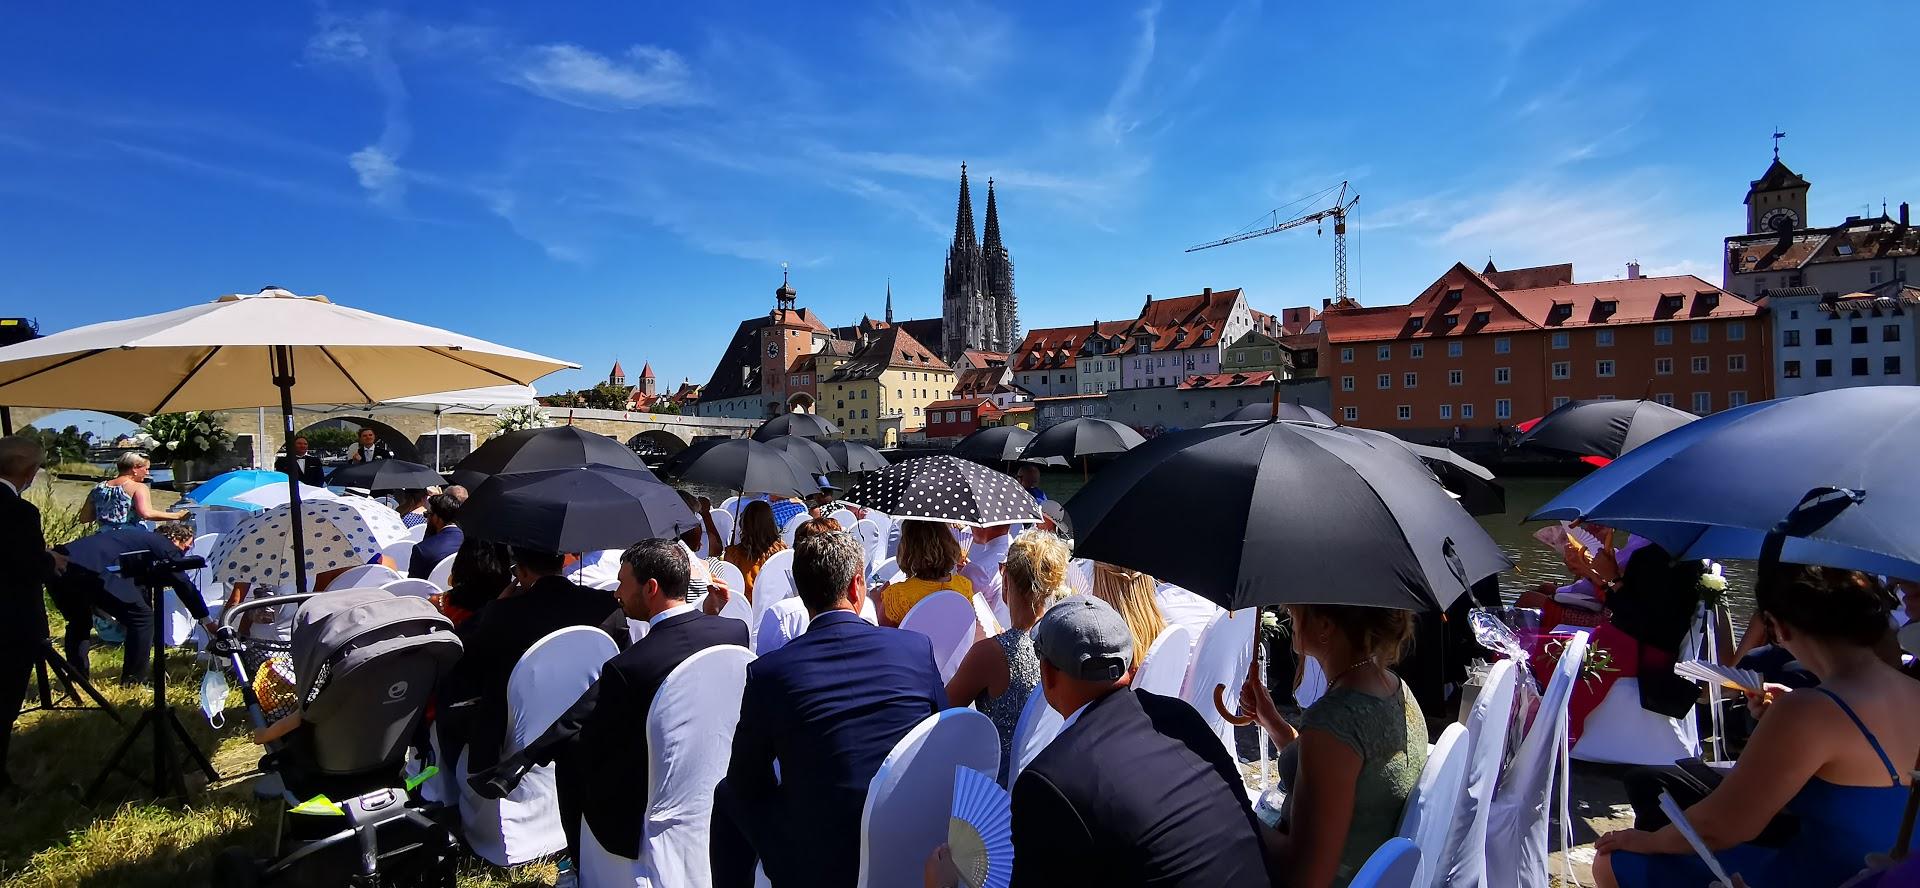 Hochzeit in Regensburg - Aug. 20